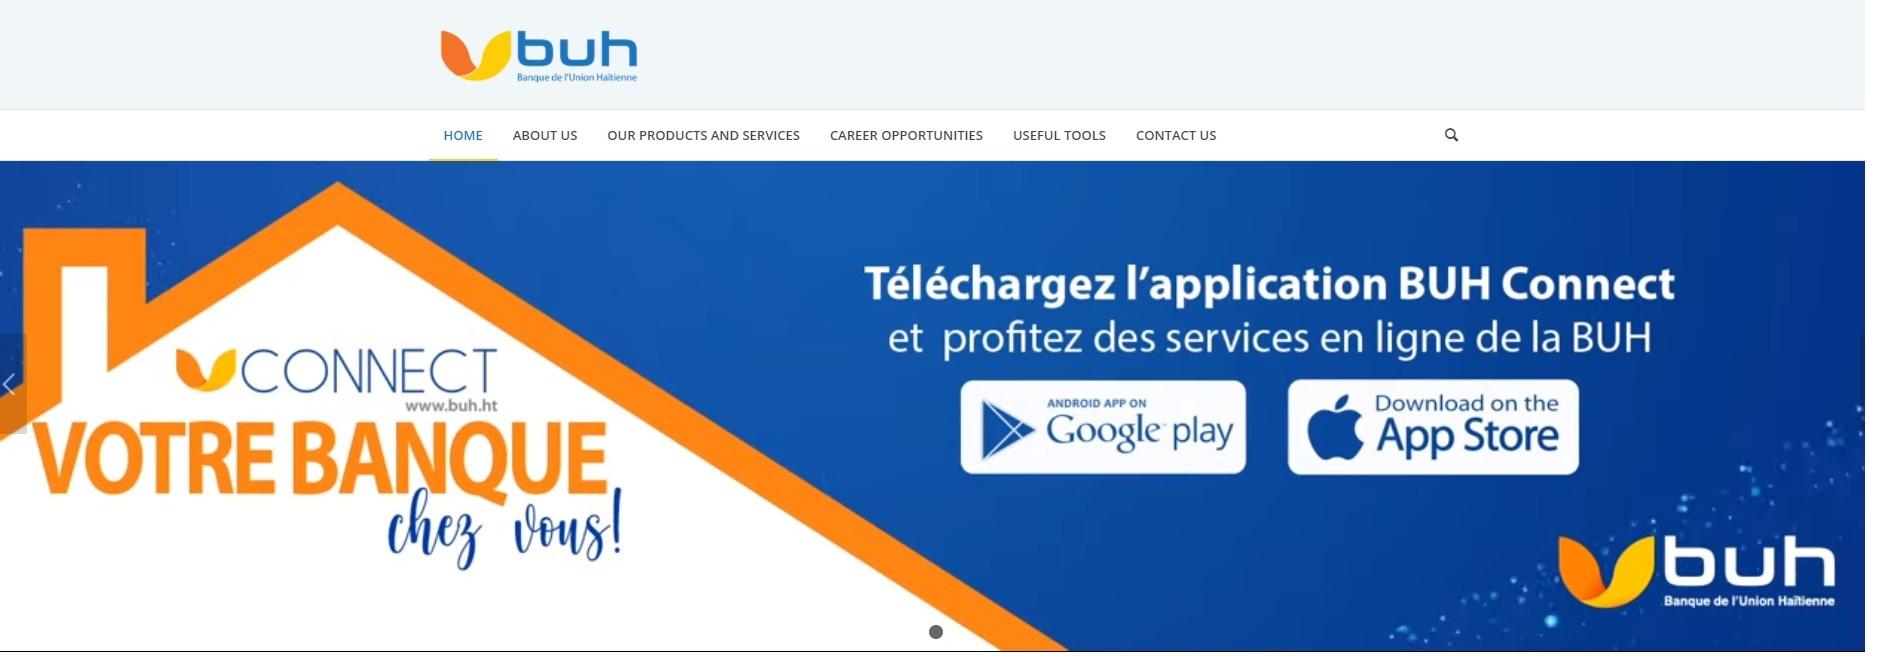 La Banque de l'Union Haïtienne S.A. (BUH)